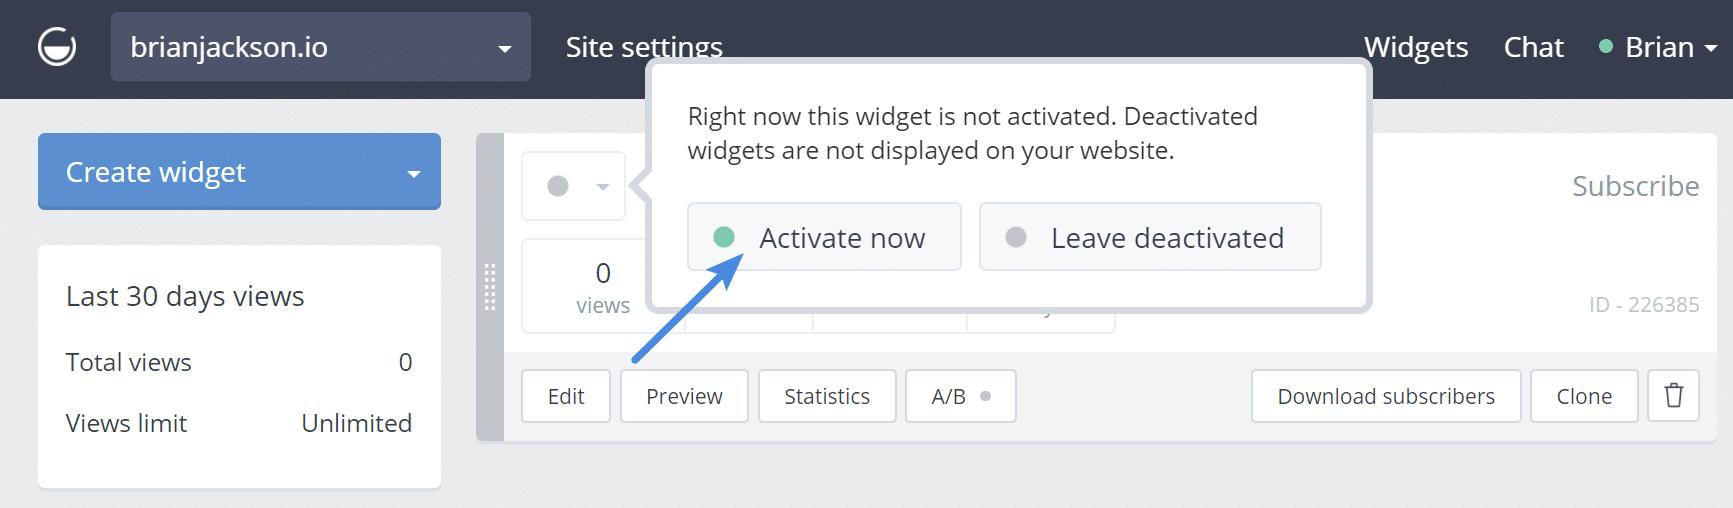 Activate widget